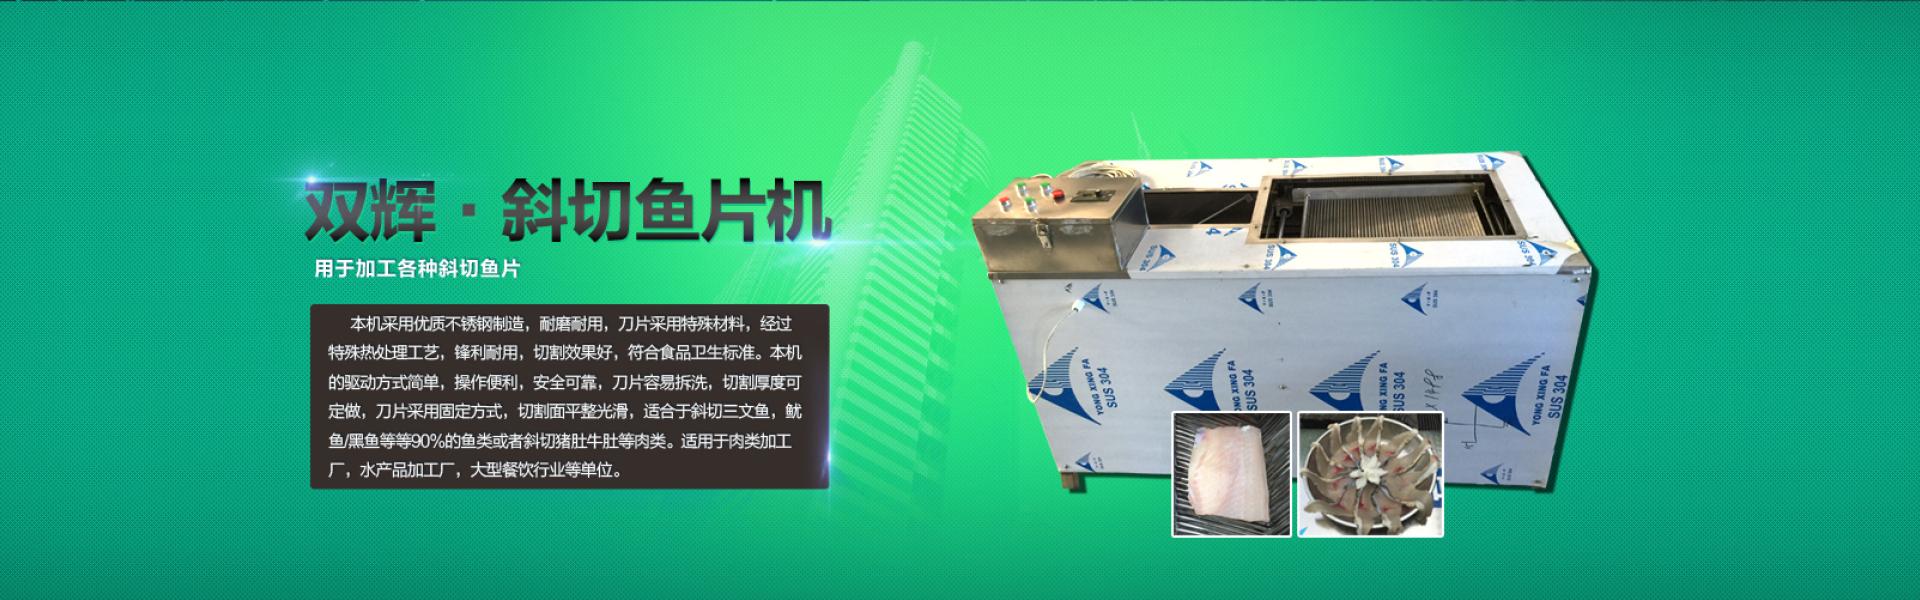 肇庆市鼎湖双辉机械快乐时时彩主要生产:切肉机,切菜机,杀鱼机,切菜机小型,剥皮机。